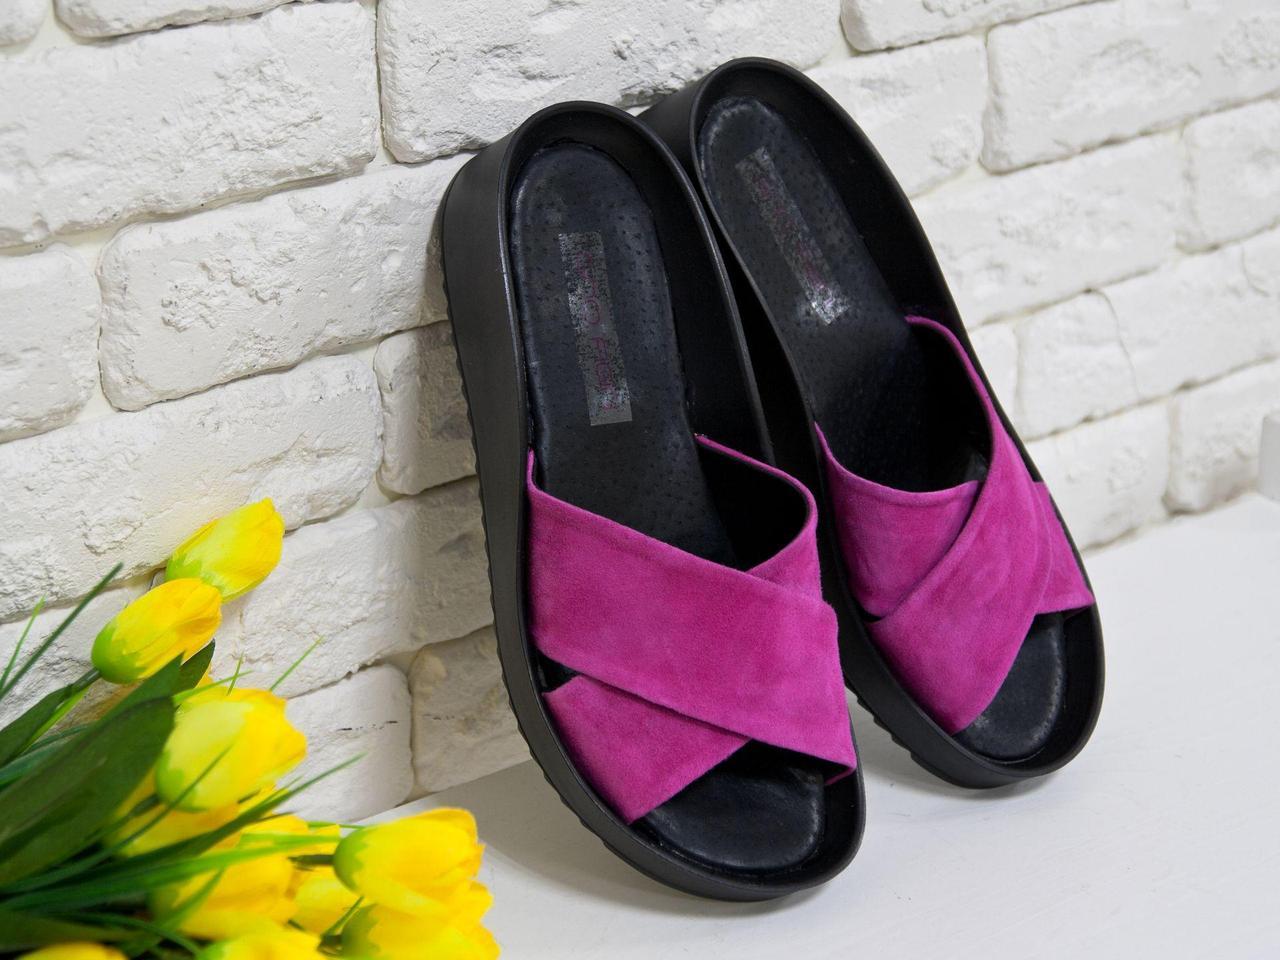 Шлепанцы из натуральной замши розового цвета на удобной подошве черного цвета, Коллекция Весна-Лето, С-563